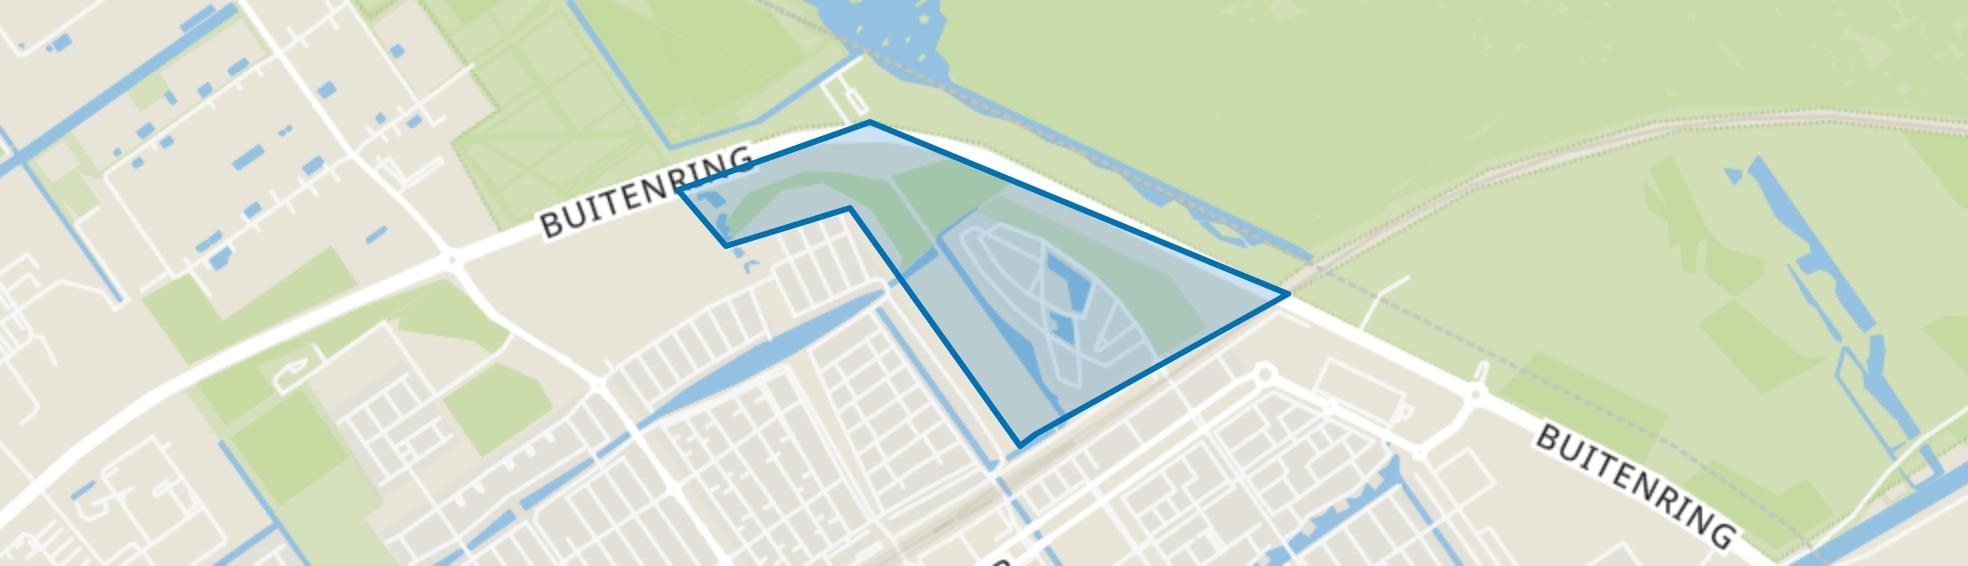 Sieradenbuurt, Almere map